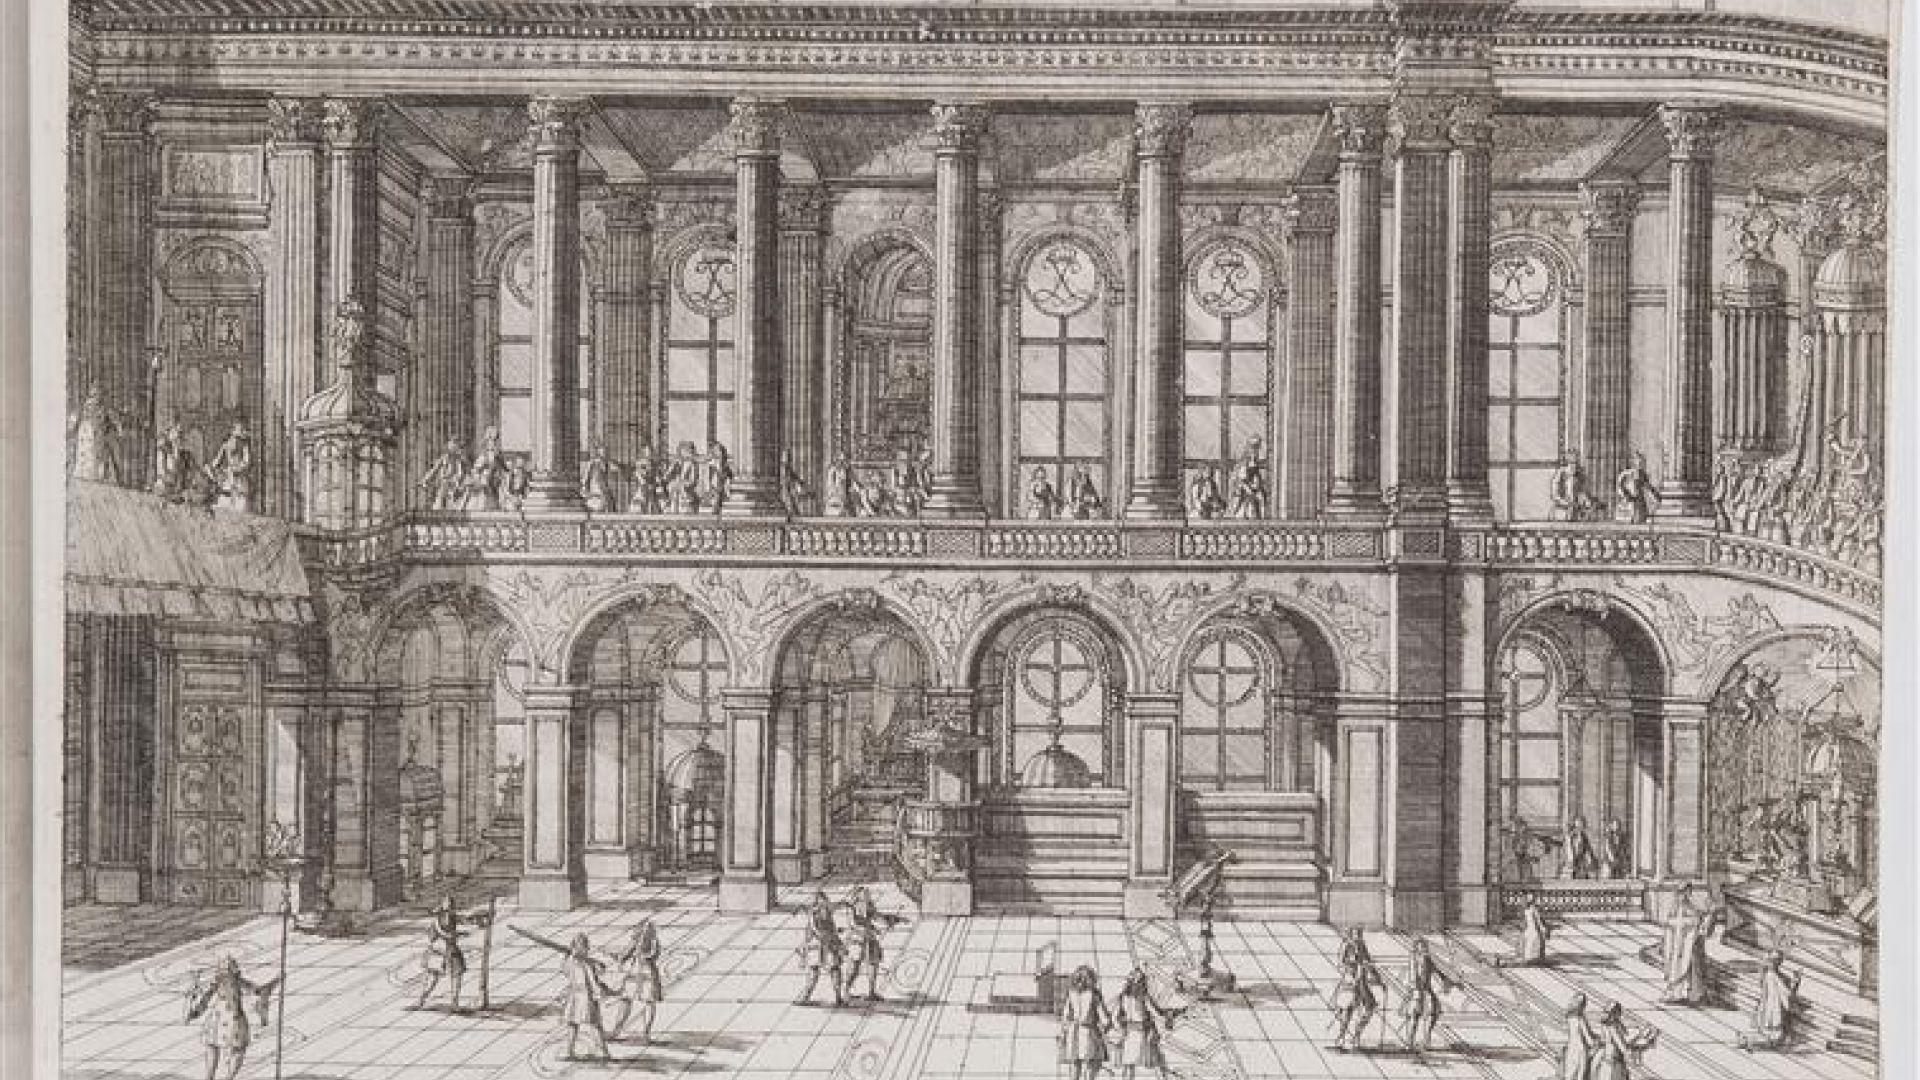 Musique et liturgie à la Chapelle royale